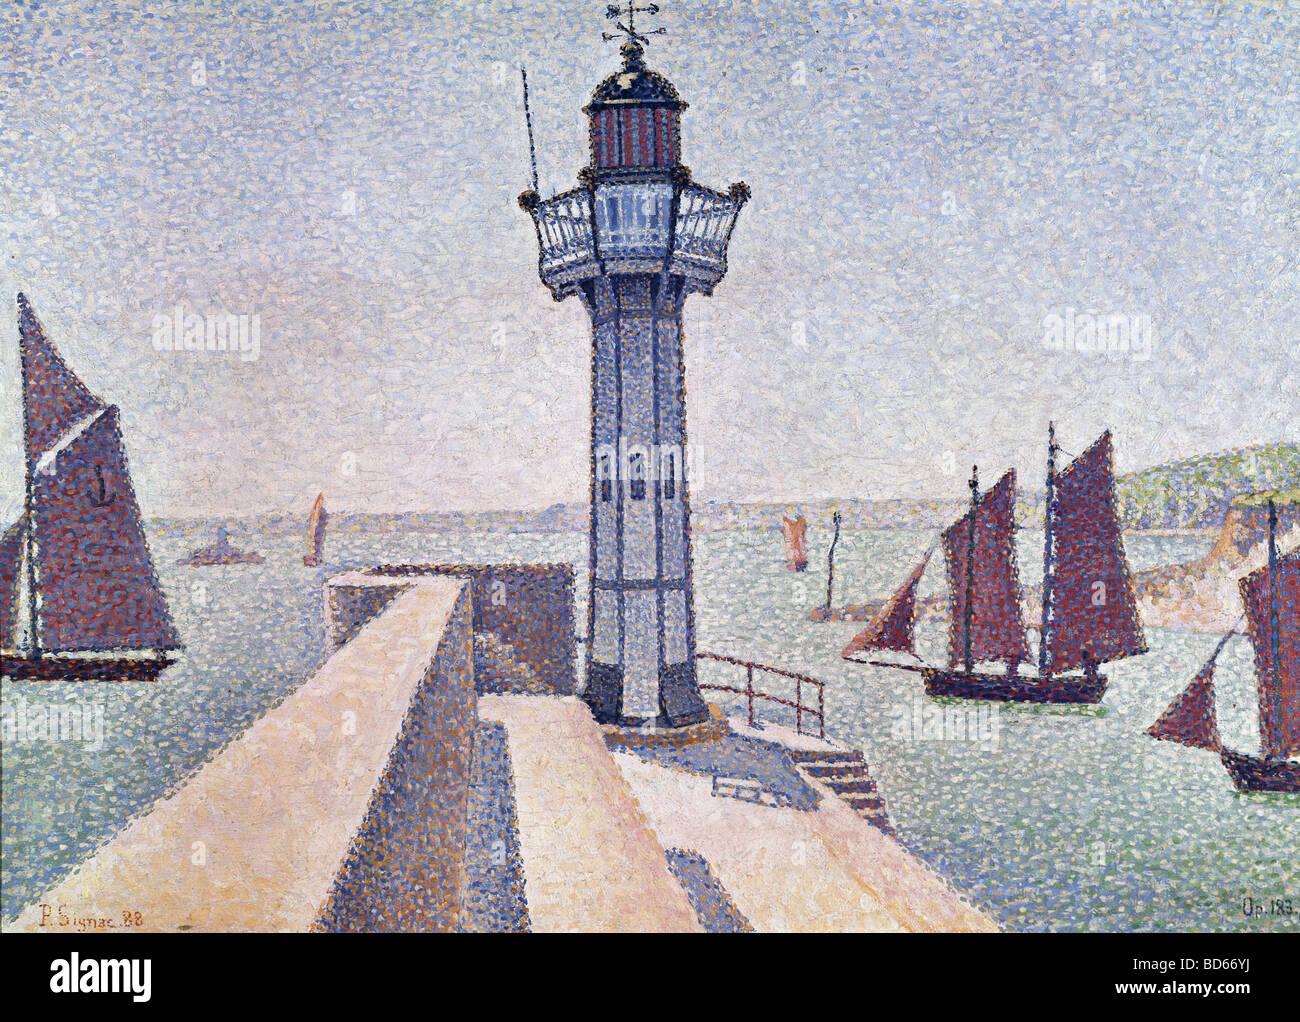 """Bildende Kunst, Signac, Paul, (1863-1935), Malerei, """"Portrieux, Le Phare"""", 1888, Rijksmuseum Kröller-Müller, Otterlo, Stockfoto"""